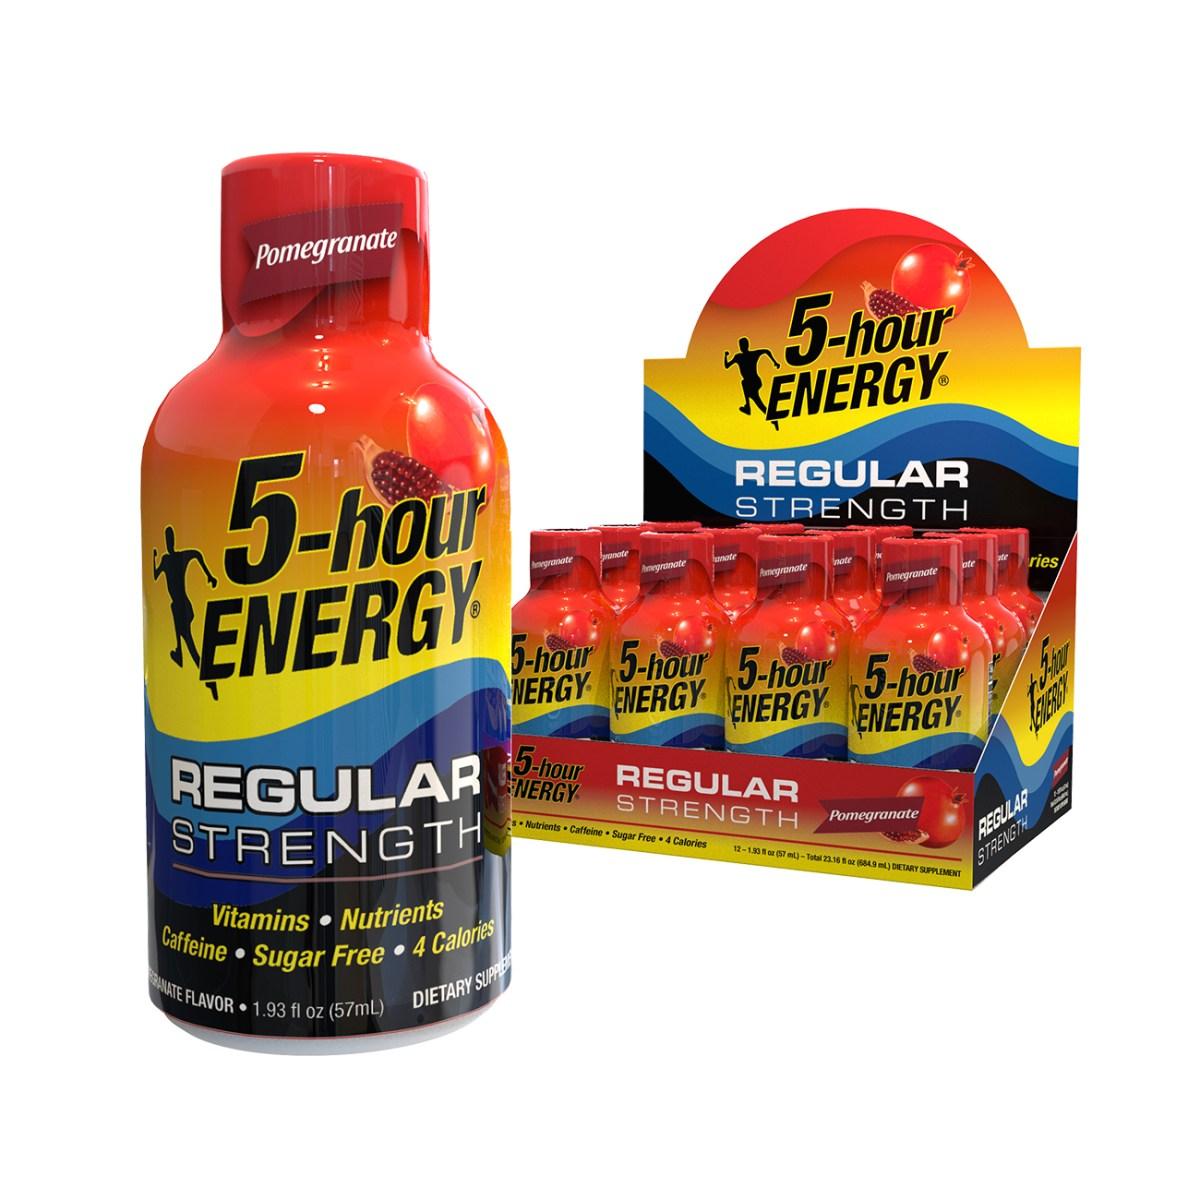 Pomegranate flavor Regular Strength 5-hour ENERGY® Shots